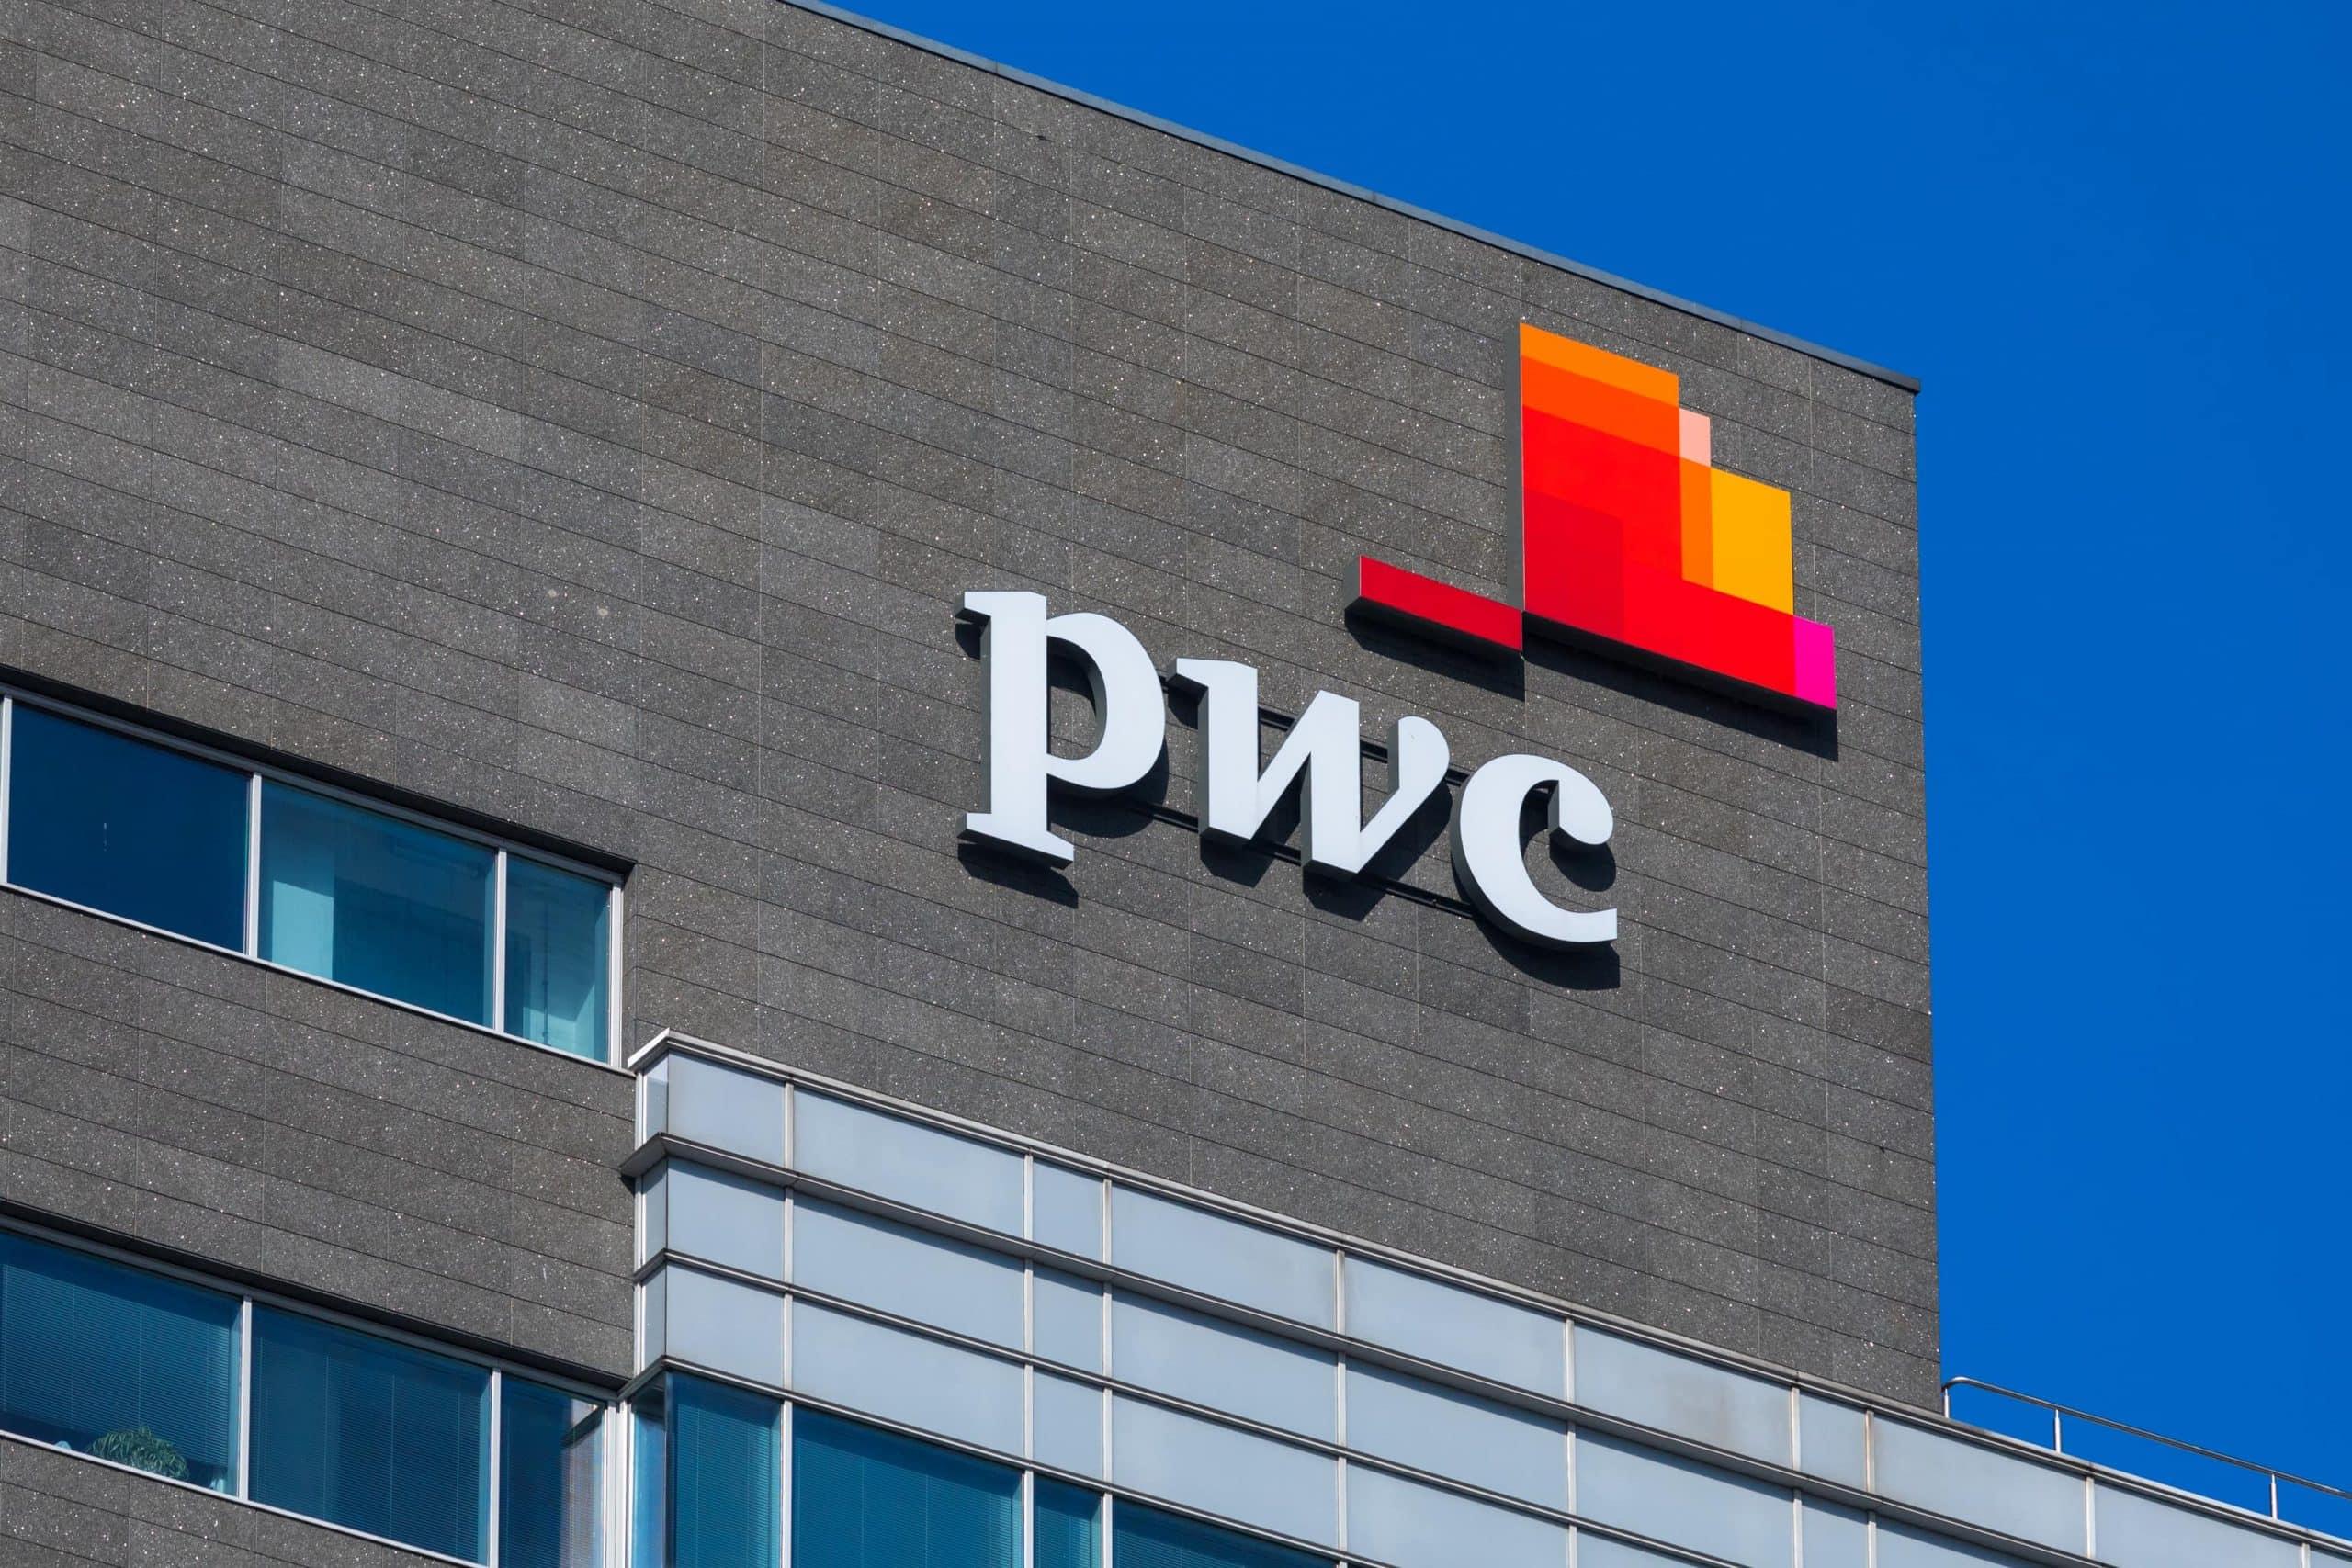 pwc-Logi an einem Gebäude